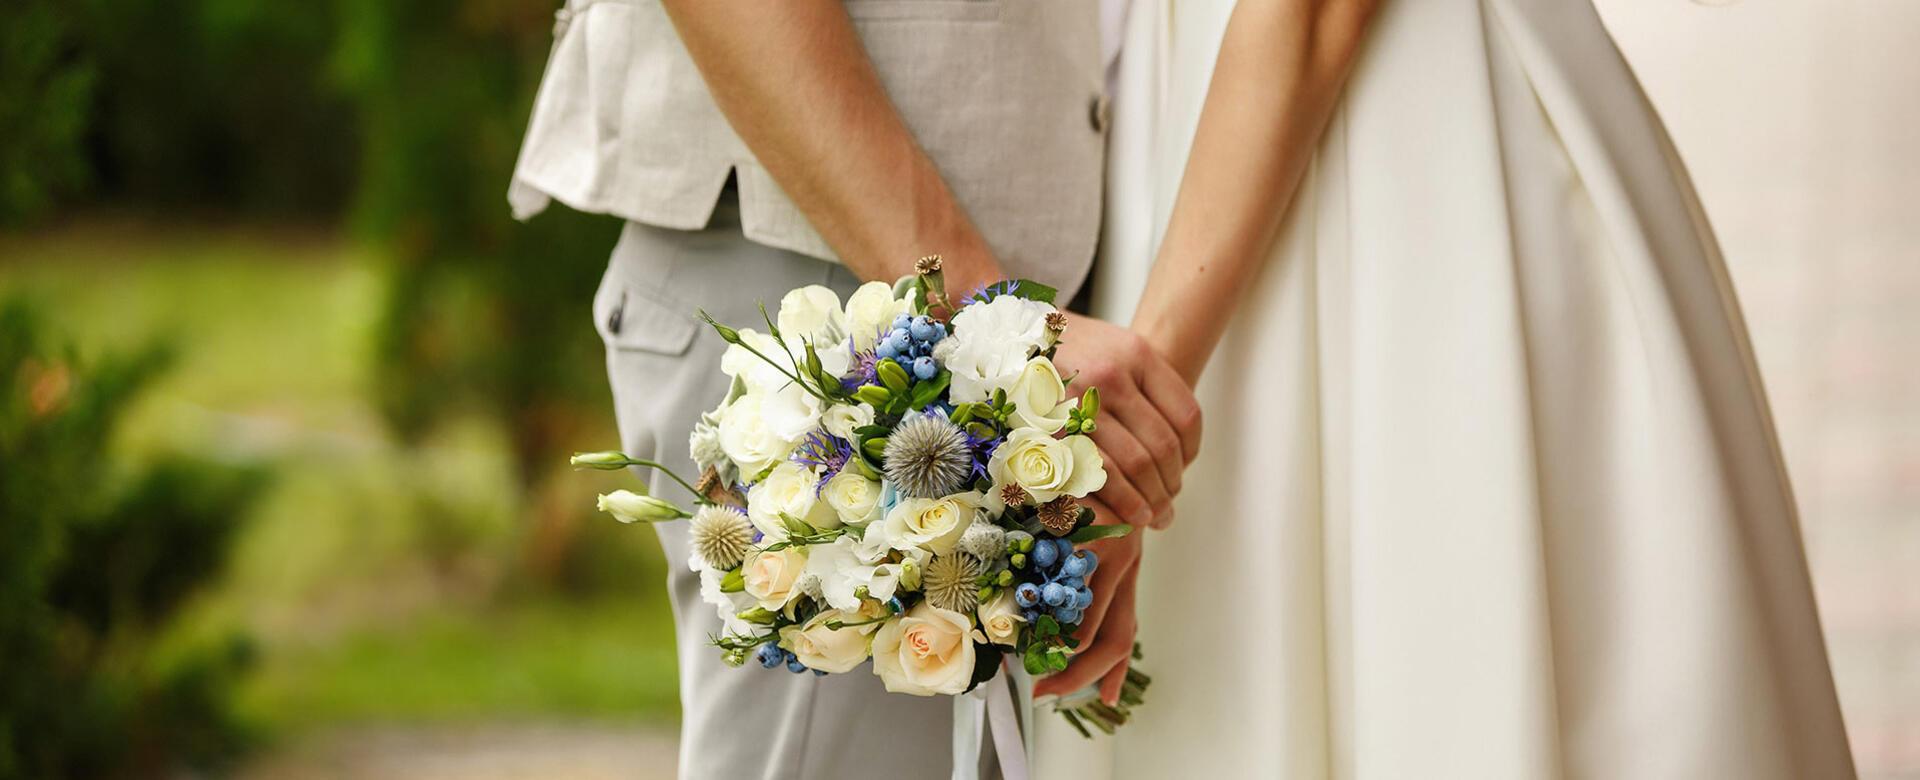 hotelvillaluisa it wedding 004